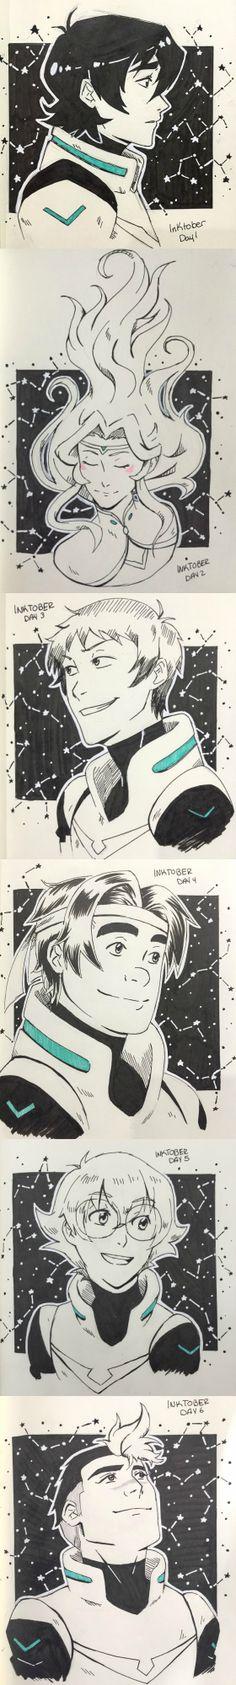 Inktober sketches - by eibbieembarrassed